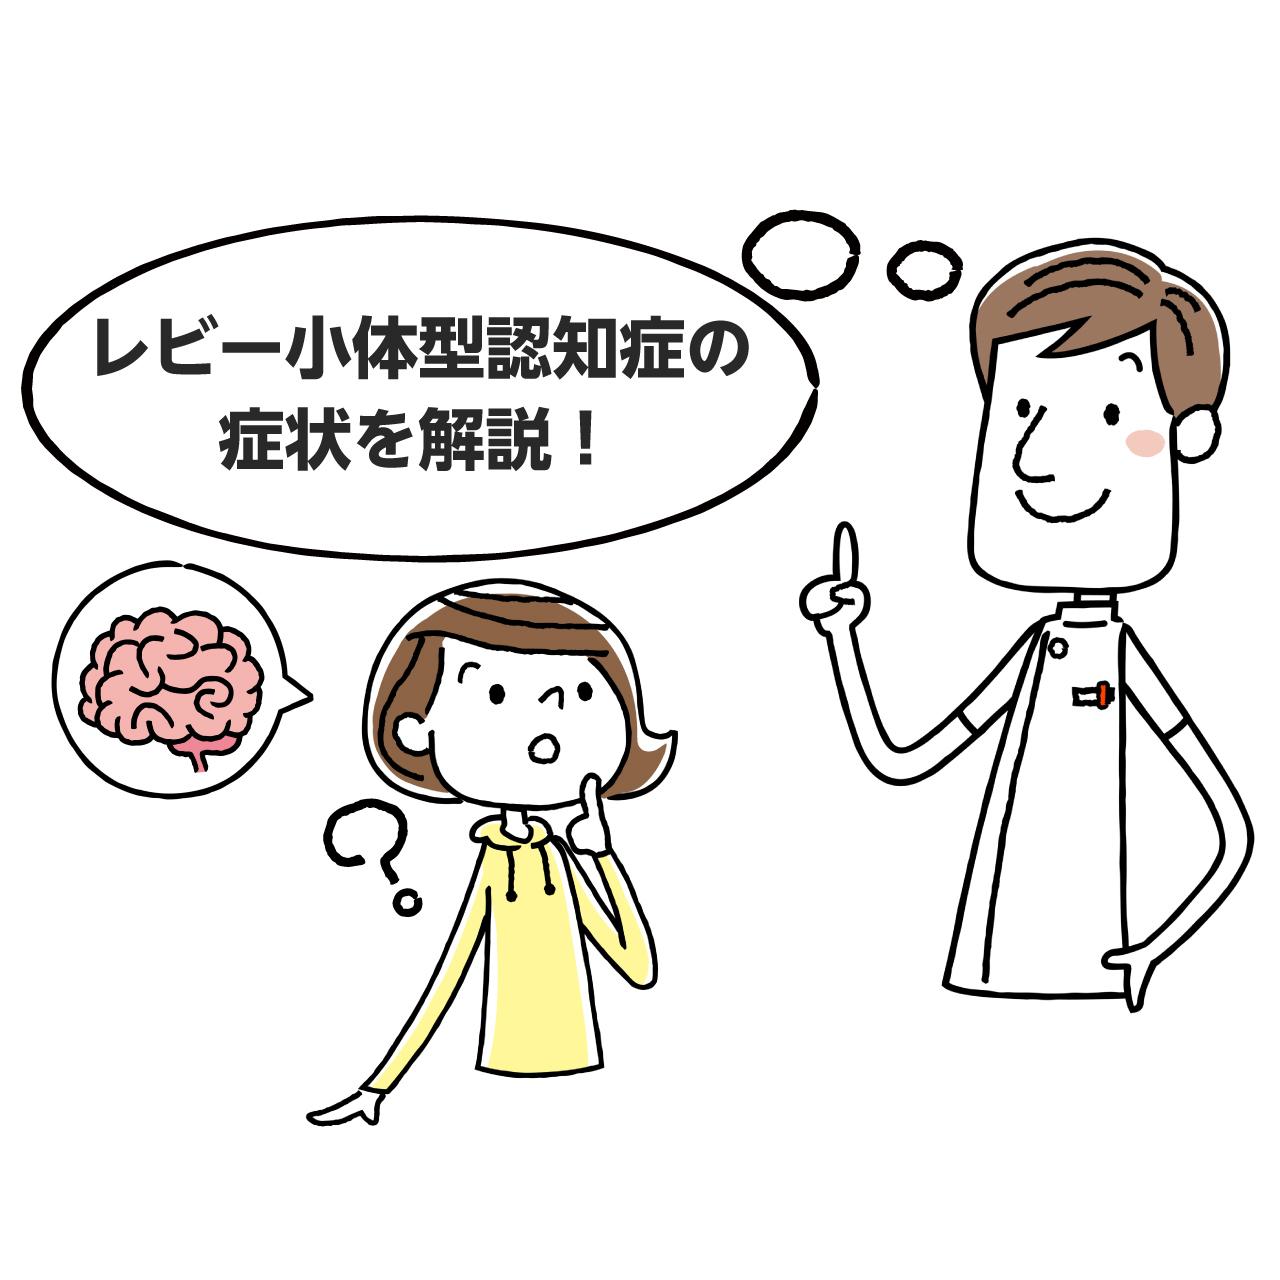 症 と 小 体型 認知 は レビー